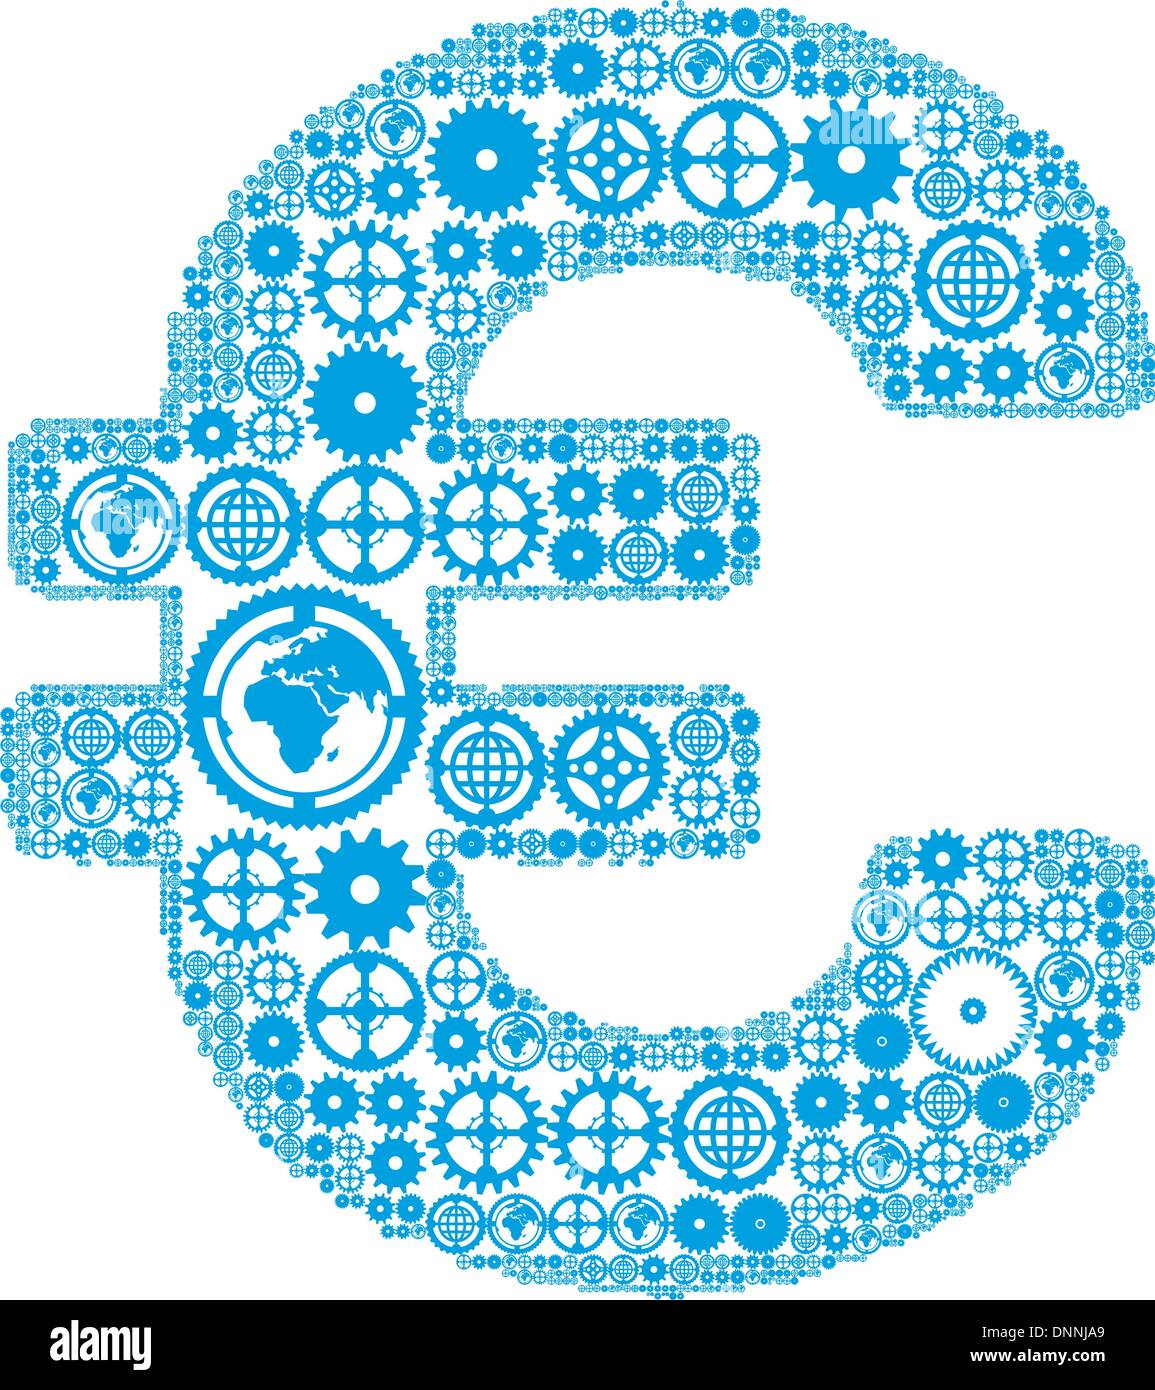 Simbolo dell'euro su uno sfondo bianco, fatta di ingranaggi. Illustrazione Vettoriale Immagini Stock